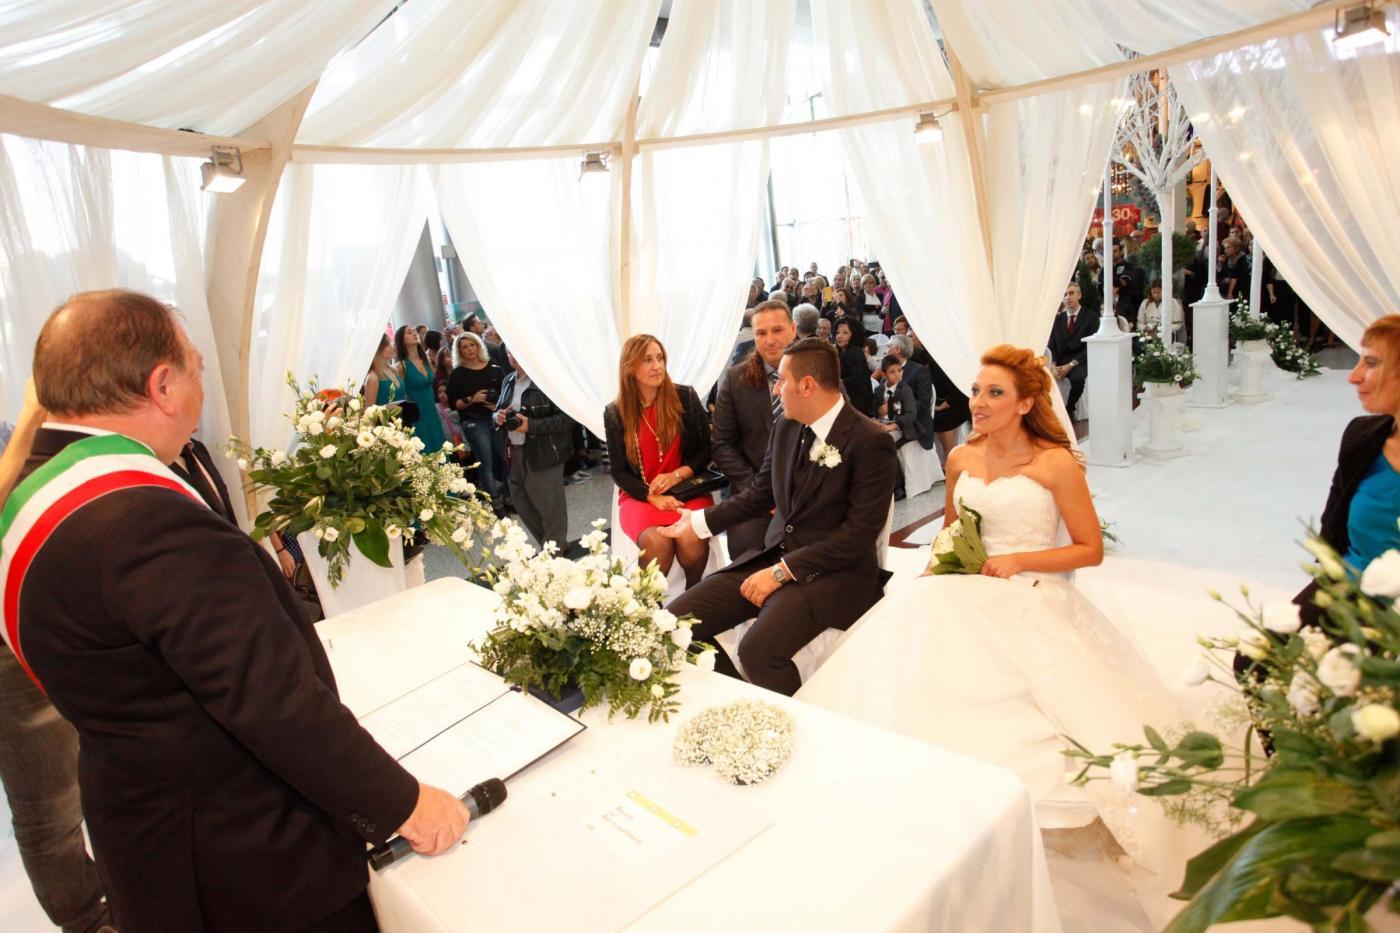 Si sposano nel centro commerciale del primo incontro: è la prima volta in Italia04